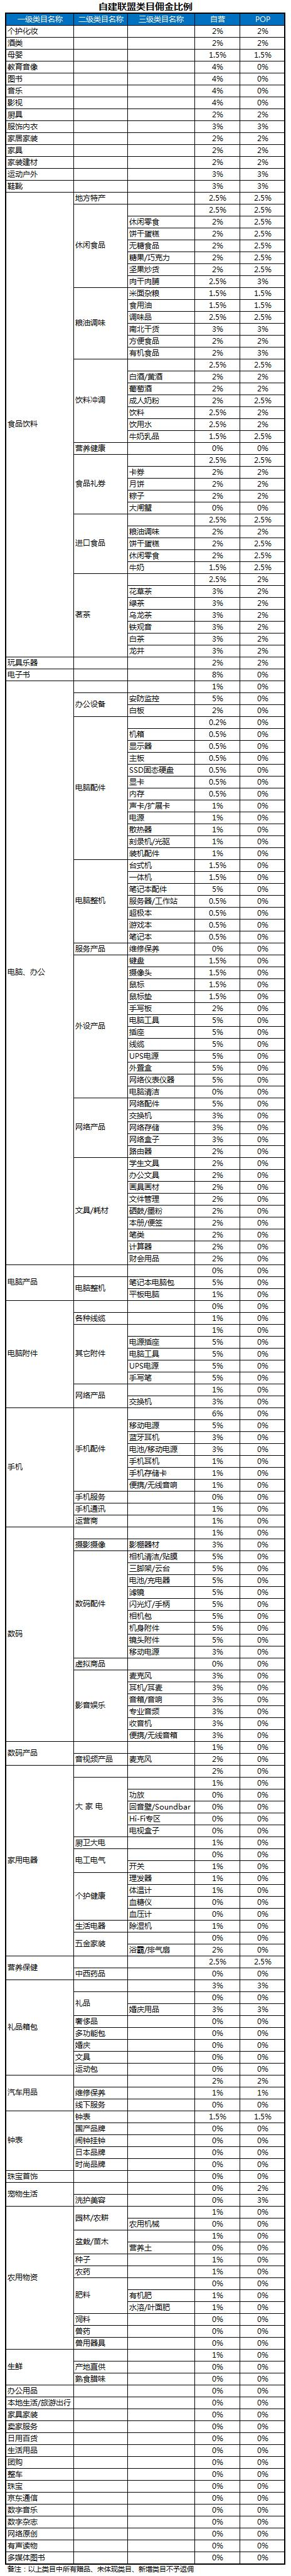 京东CPS联盟类目佣金比例调整公告